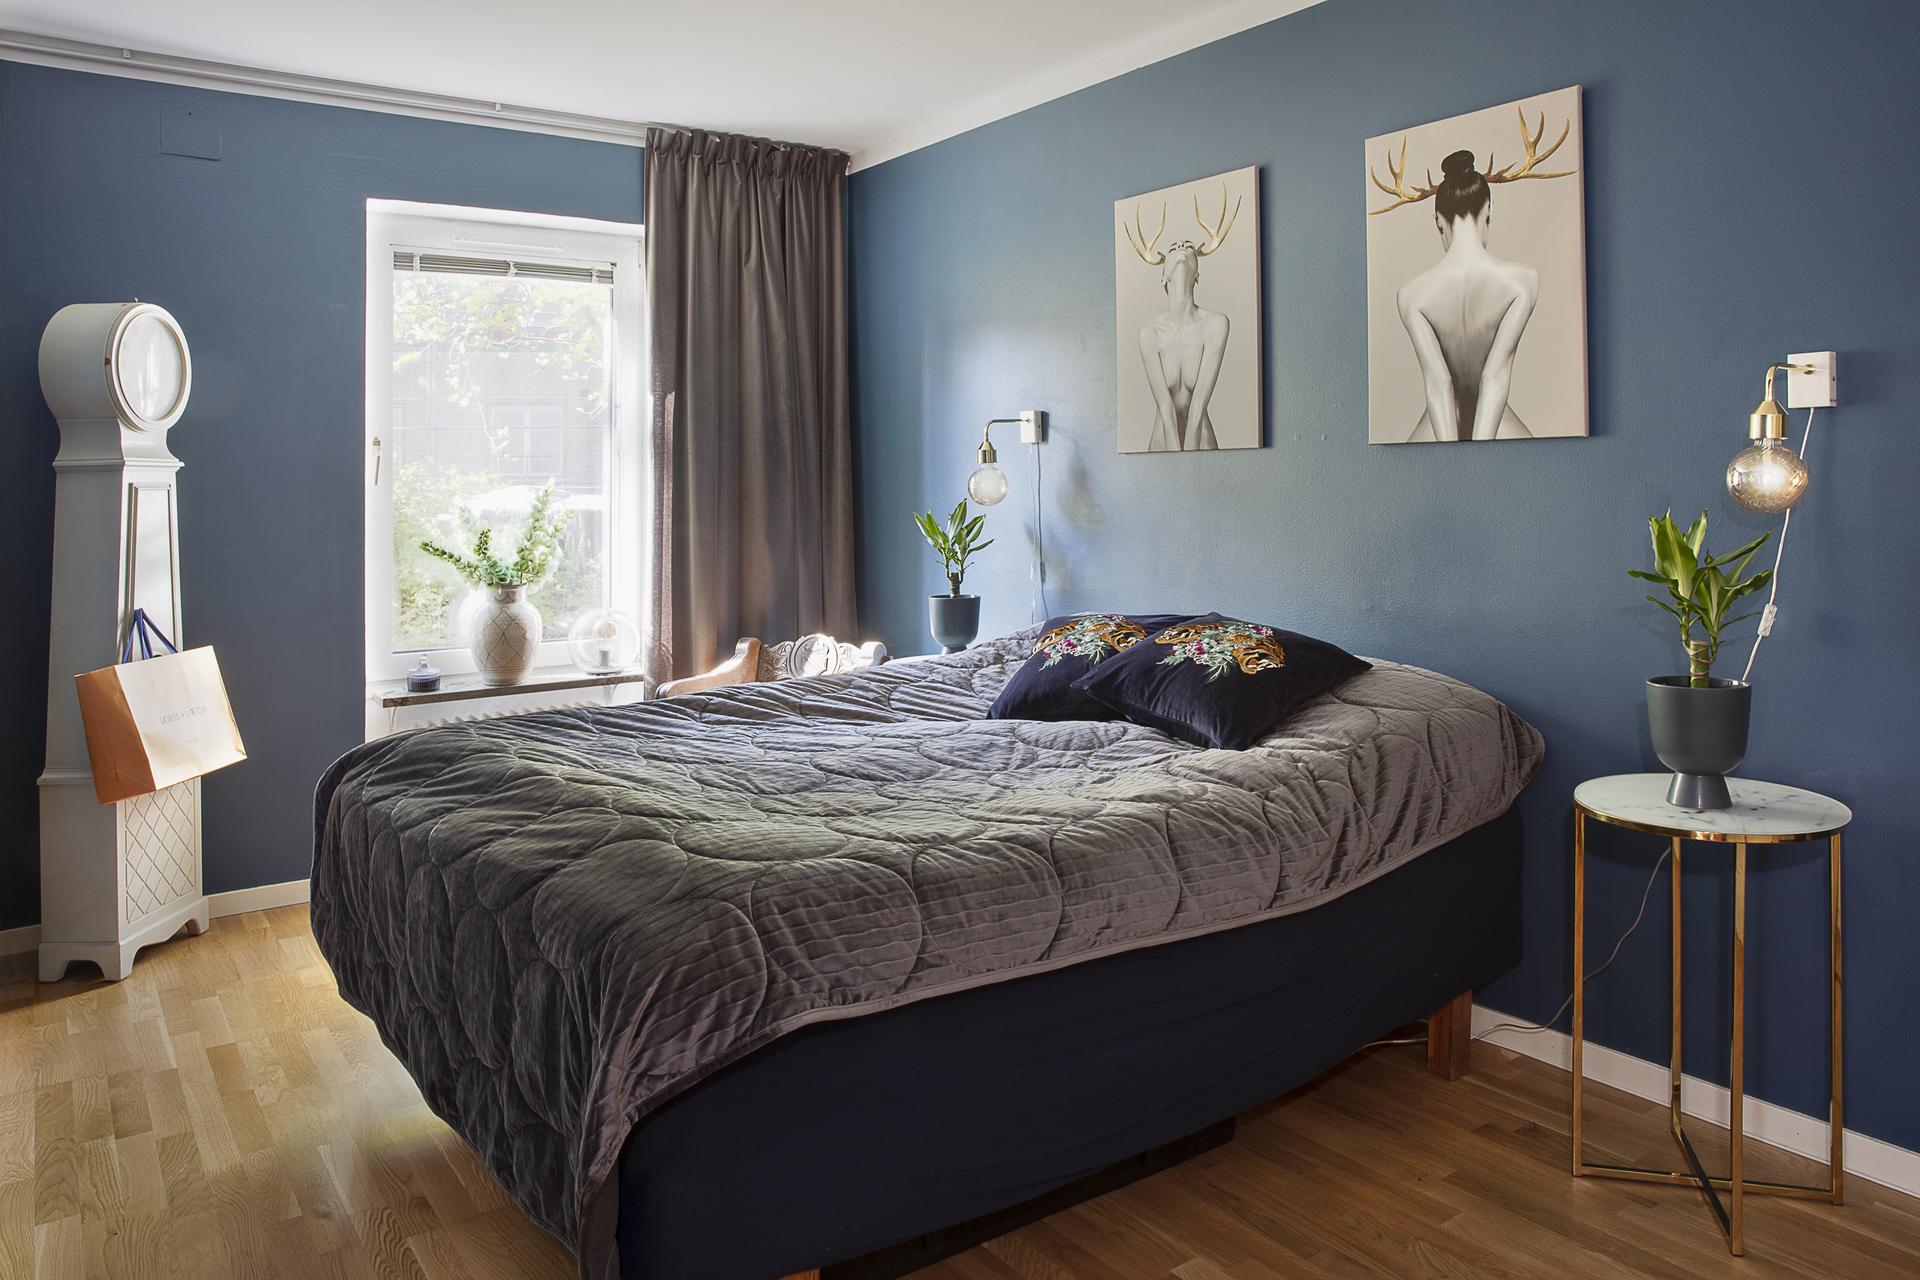 Sovrum 2 erbjuder plats för dubbelsäng samt annat möblemang